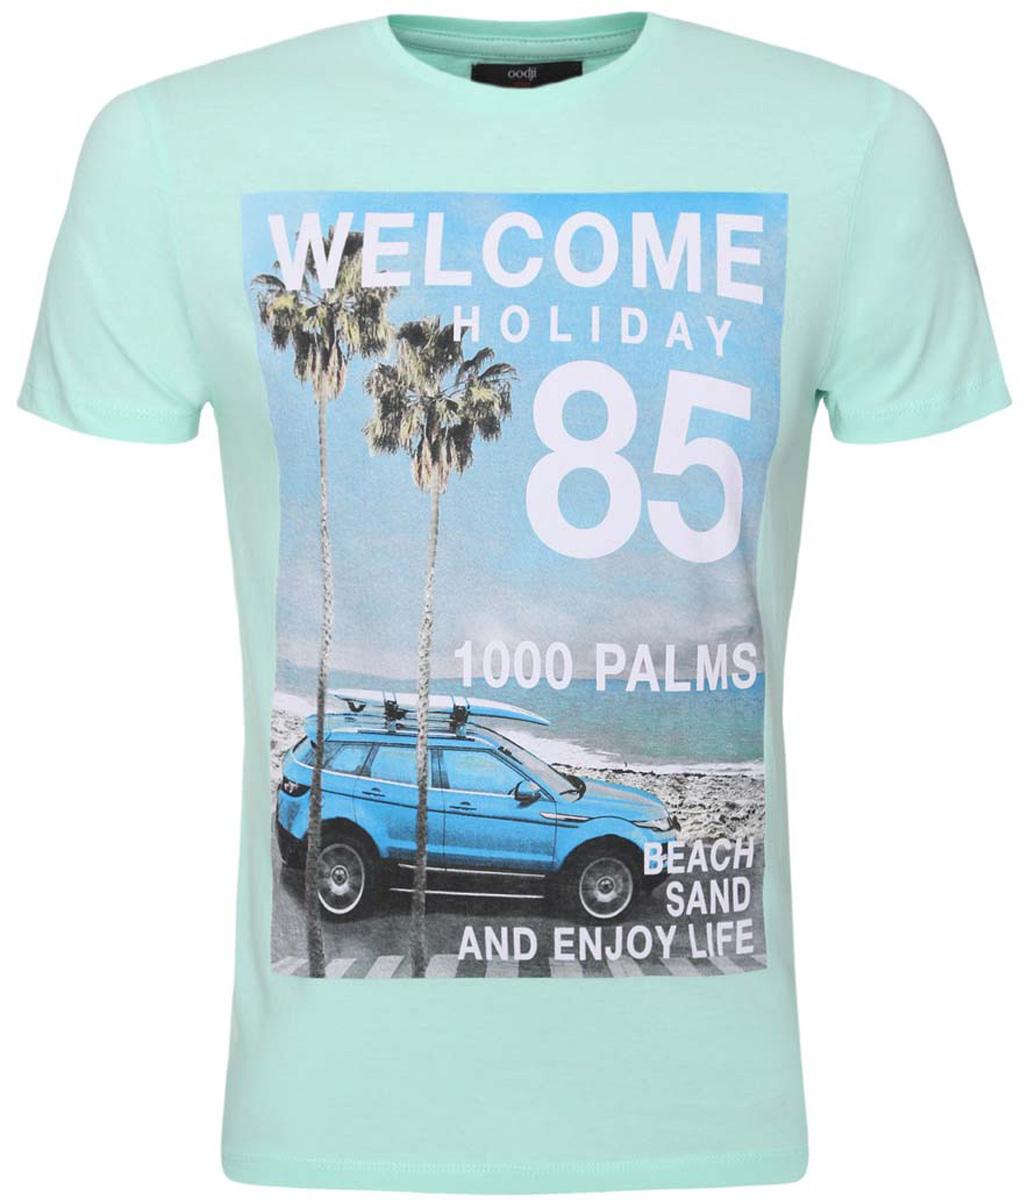 5L611269M/39485N/6575PМужская футболка oodji изготовлена из натурального высококачественного хлопка. Выполнена с круглым воротом и классическими короткими рукавами. Оформлена принтом с фотографией пейзажа отдыха у моря, дополнена надписями на английском языке.